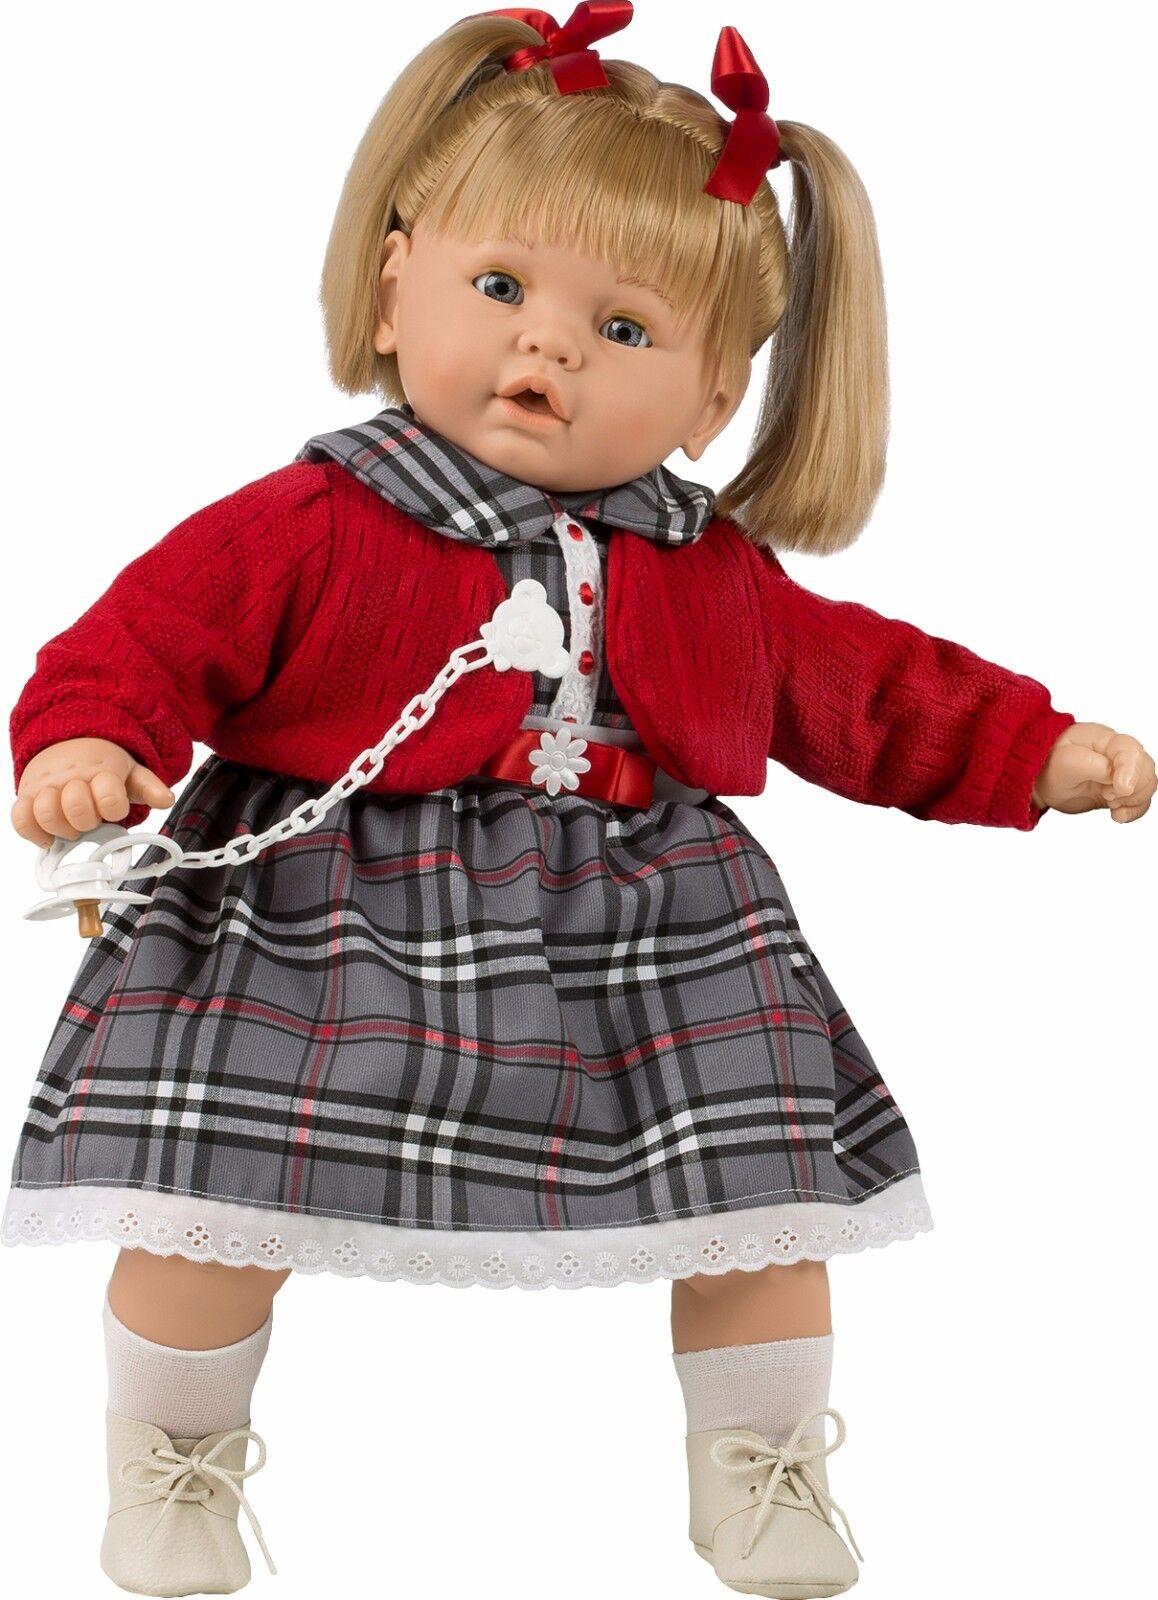 Berbesa - Dulzona muñeca bebé llGoldna llGoldna llGoldna con vestido de cuadros 62 cm (80381) b24cb6